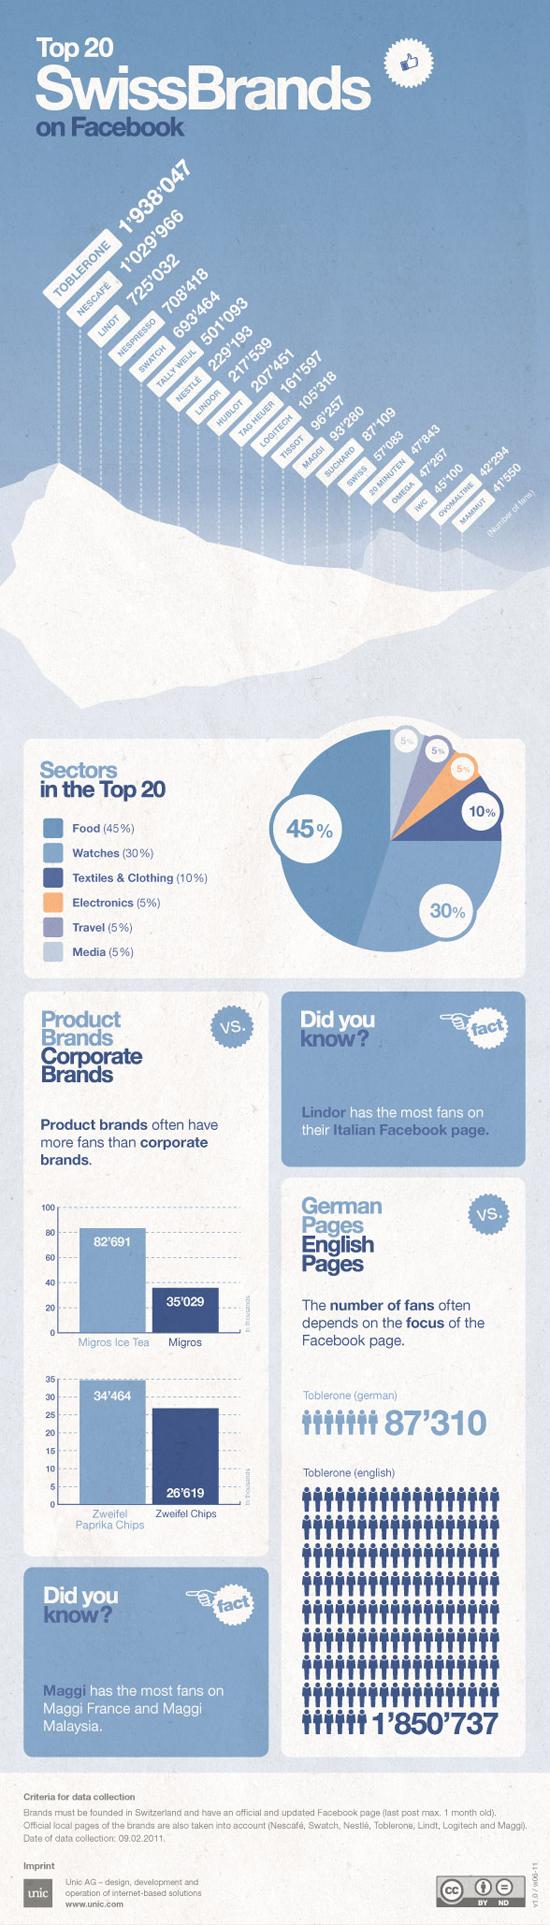 Top 20 marque suisse Facebook